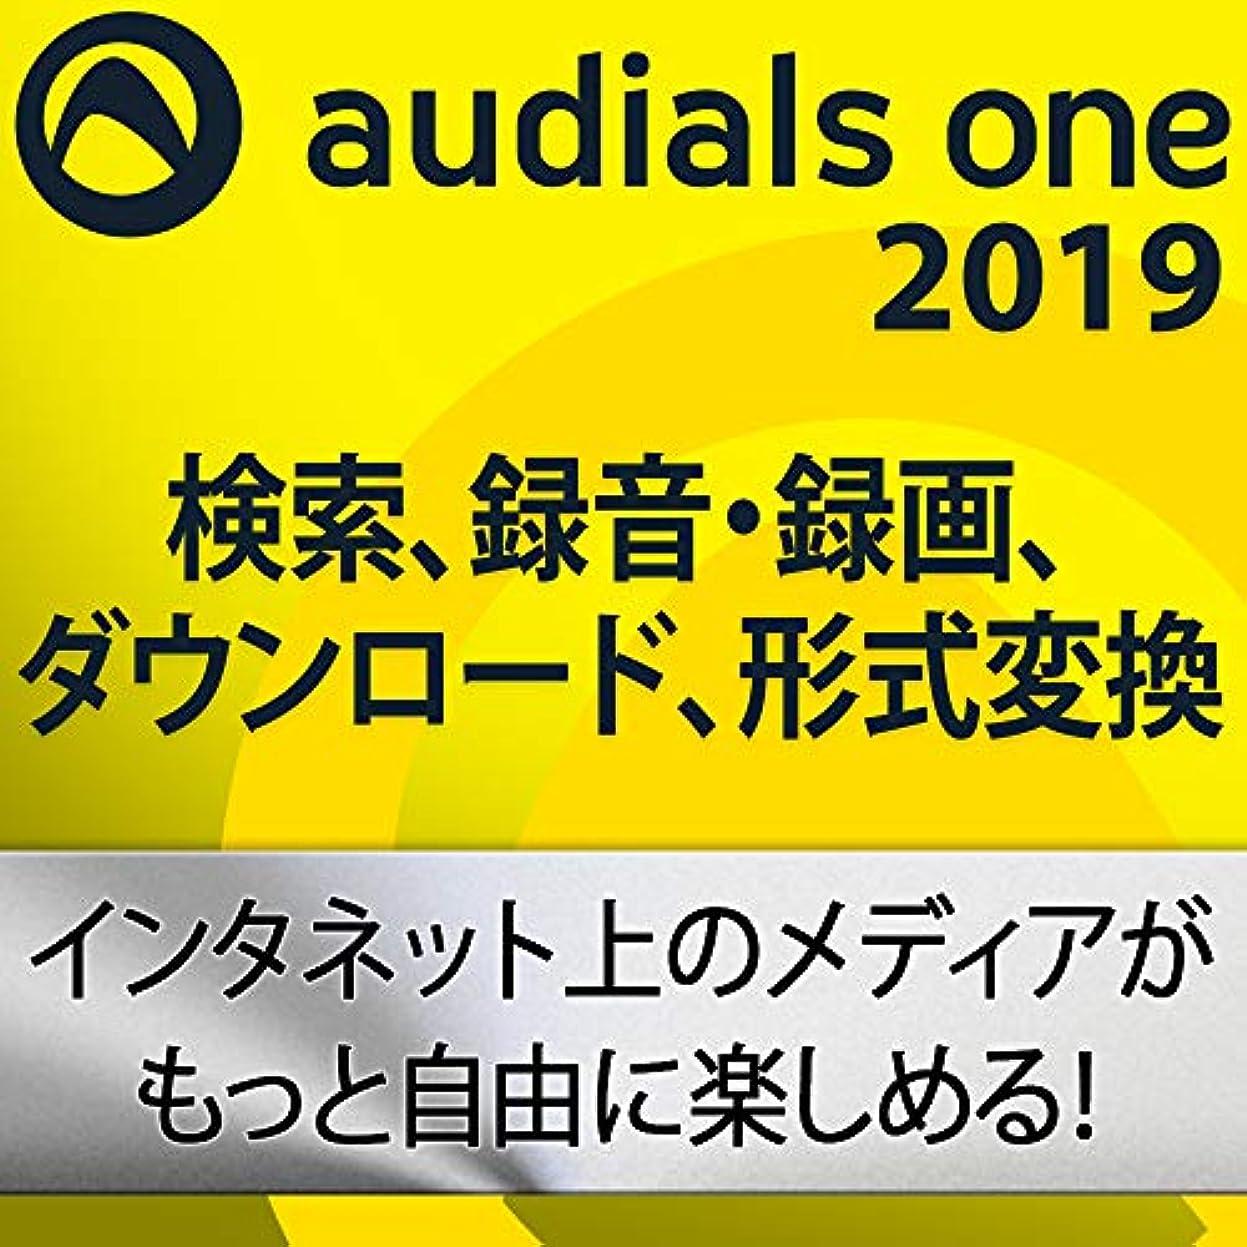 おとなしい手紙を書くお酒Audials One 2019|ダウンロード版